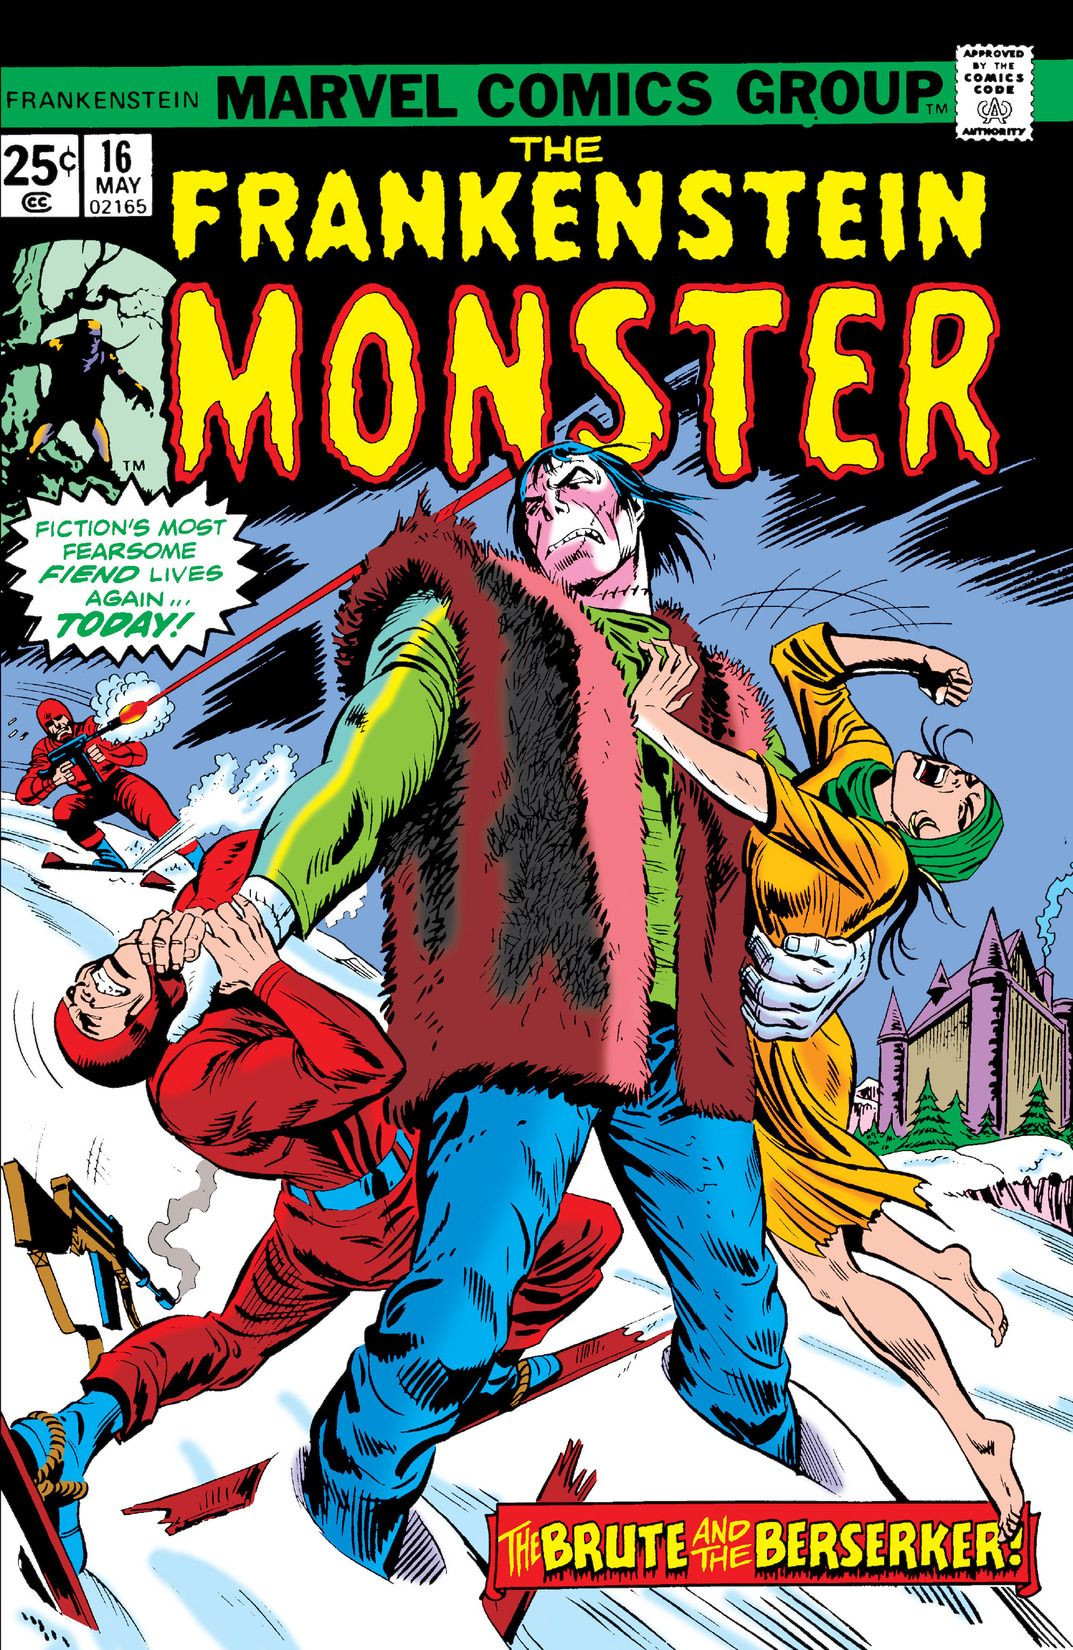 Frankenstein Vol 1 16